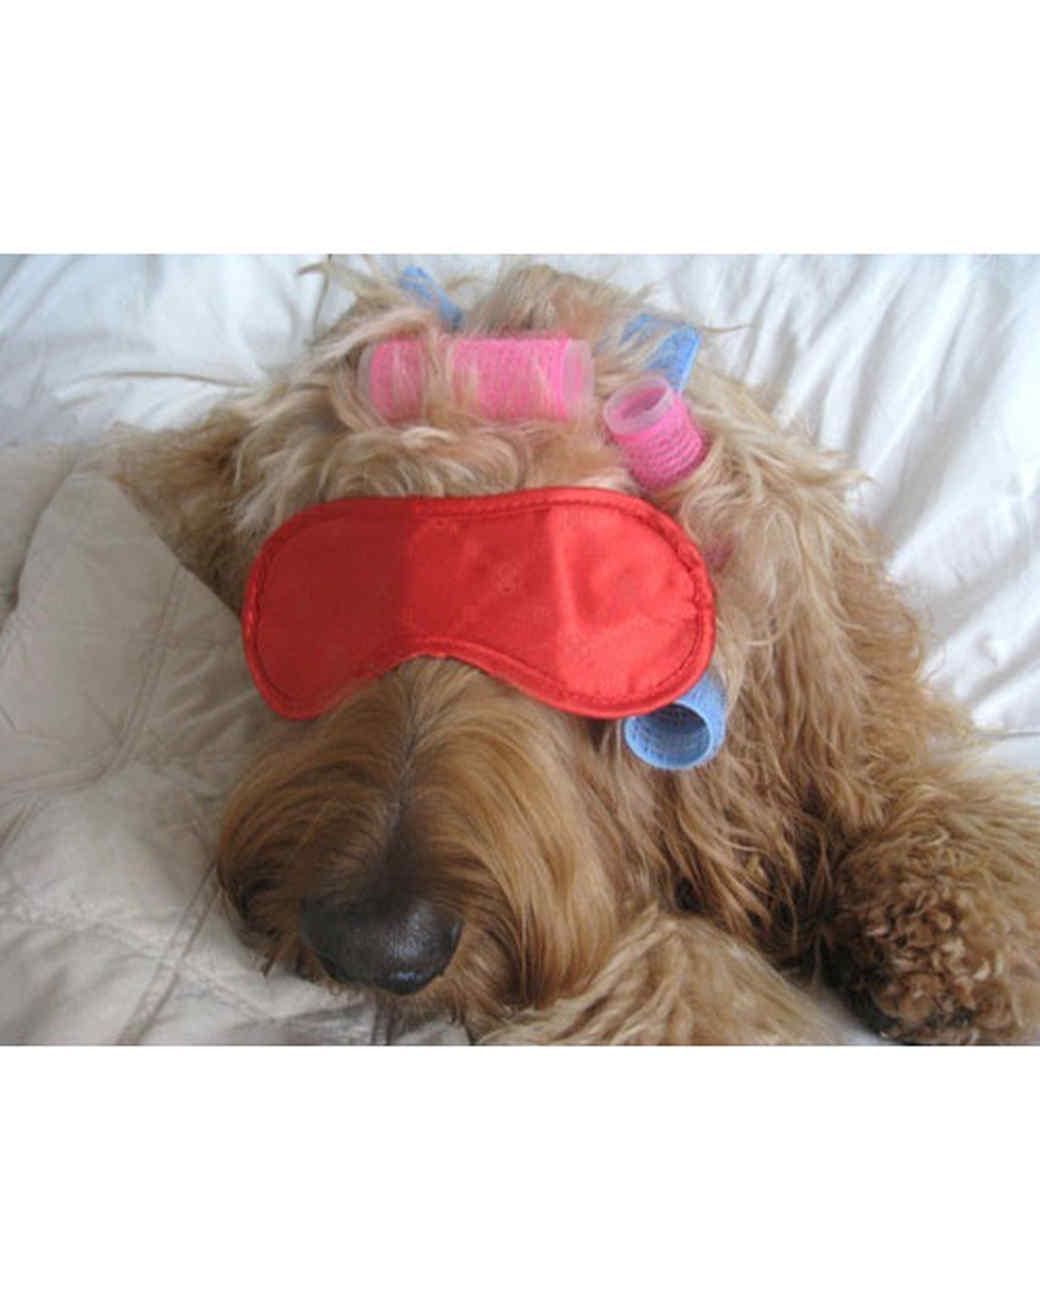 pets-at-play-0311-13130542_30897941.jpg